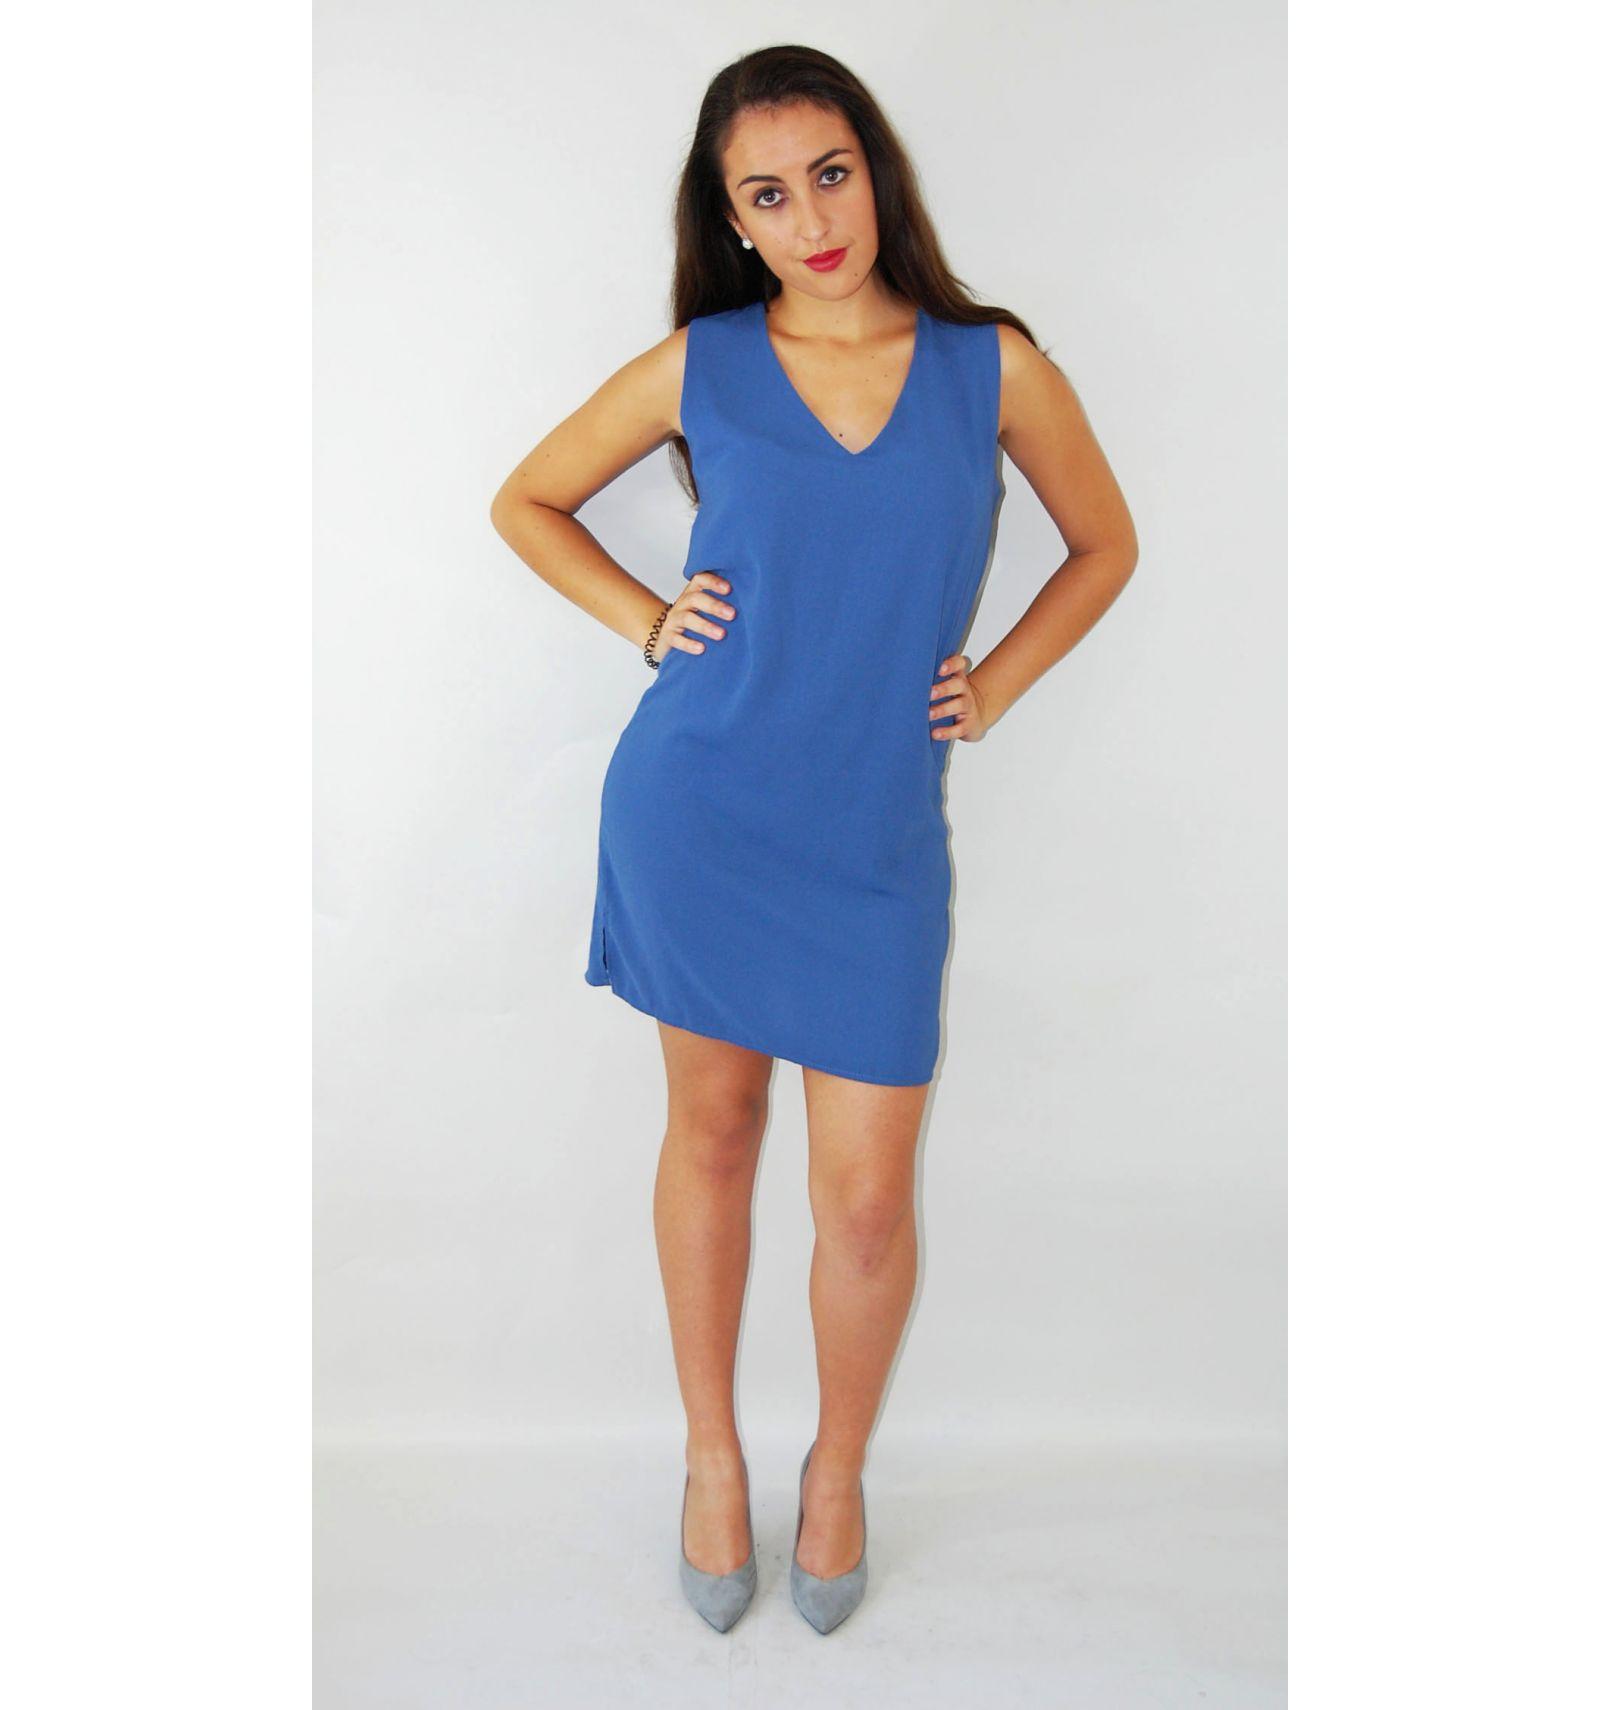 Blaues Kleid rechts blau